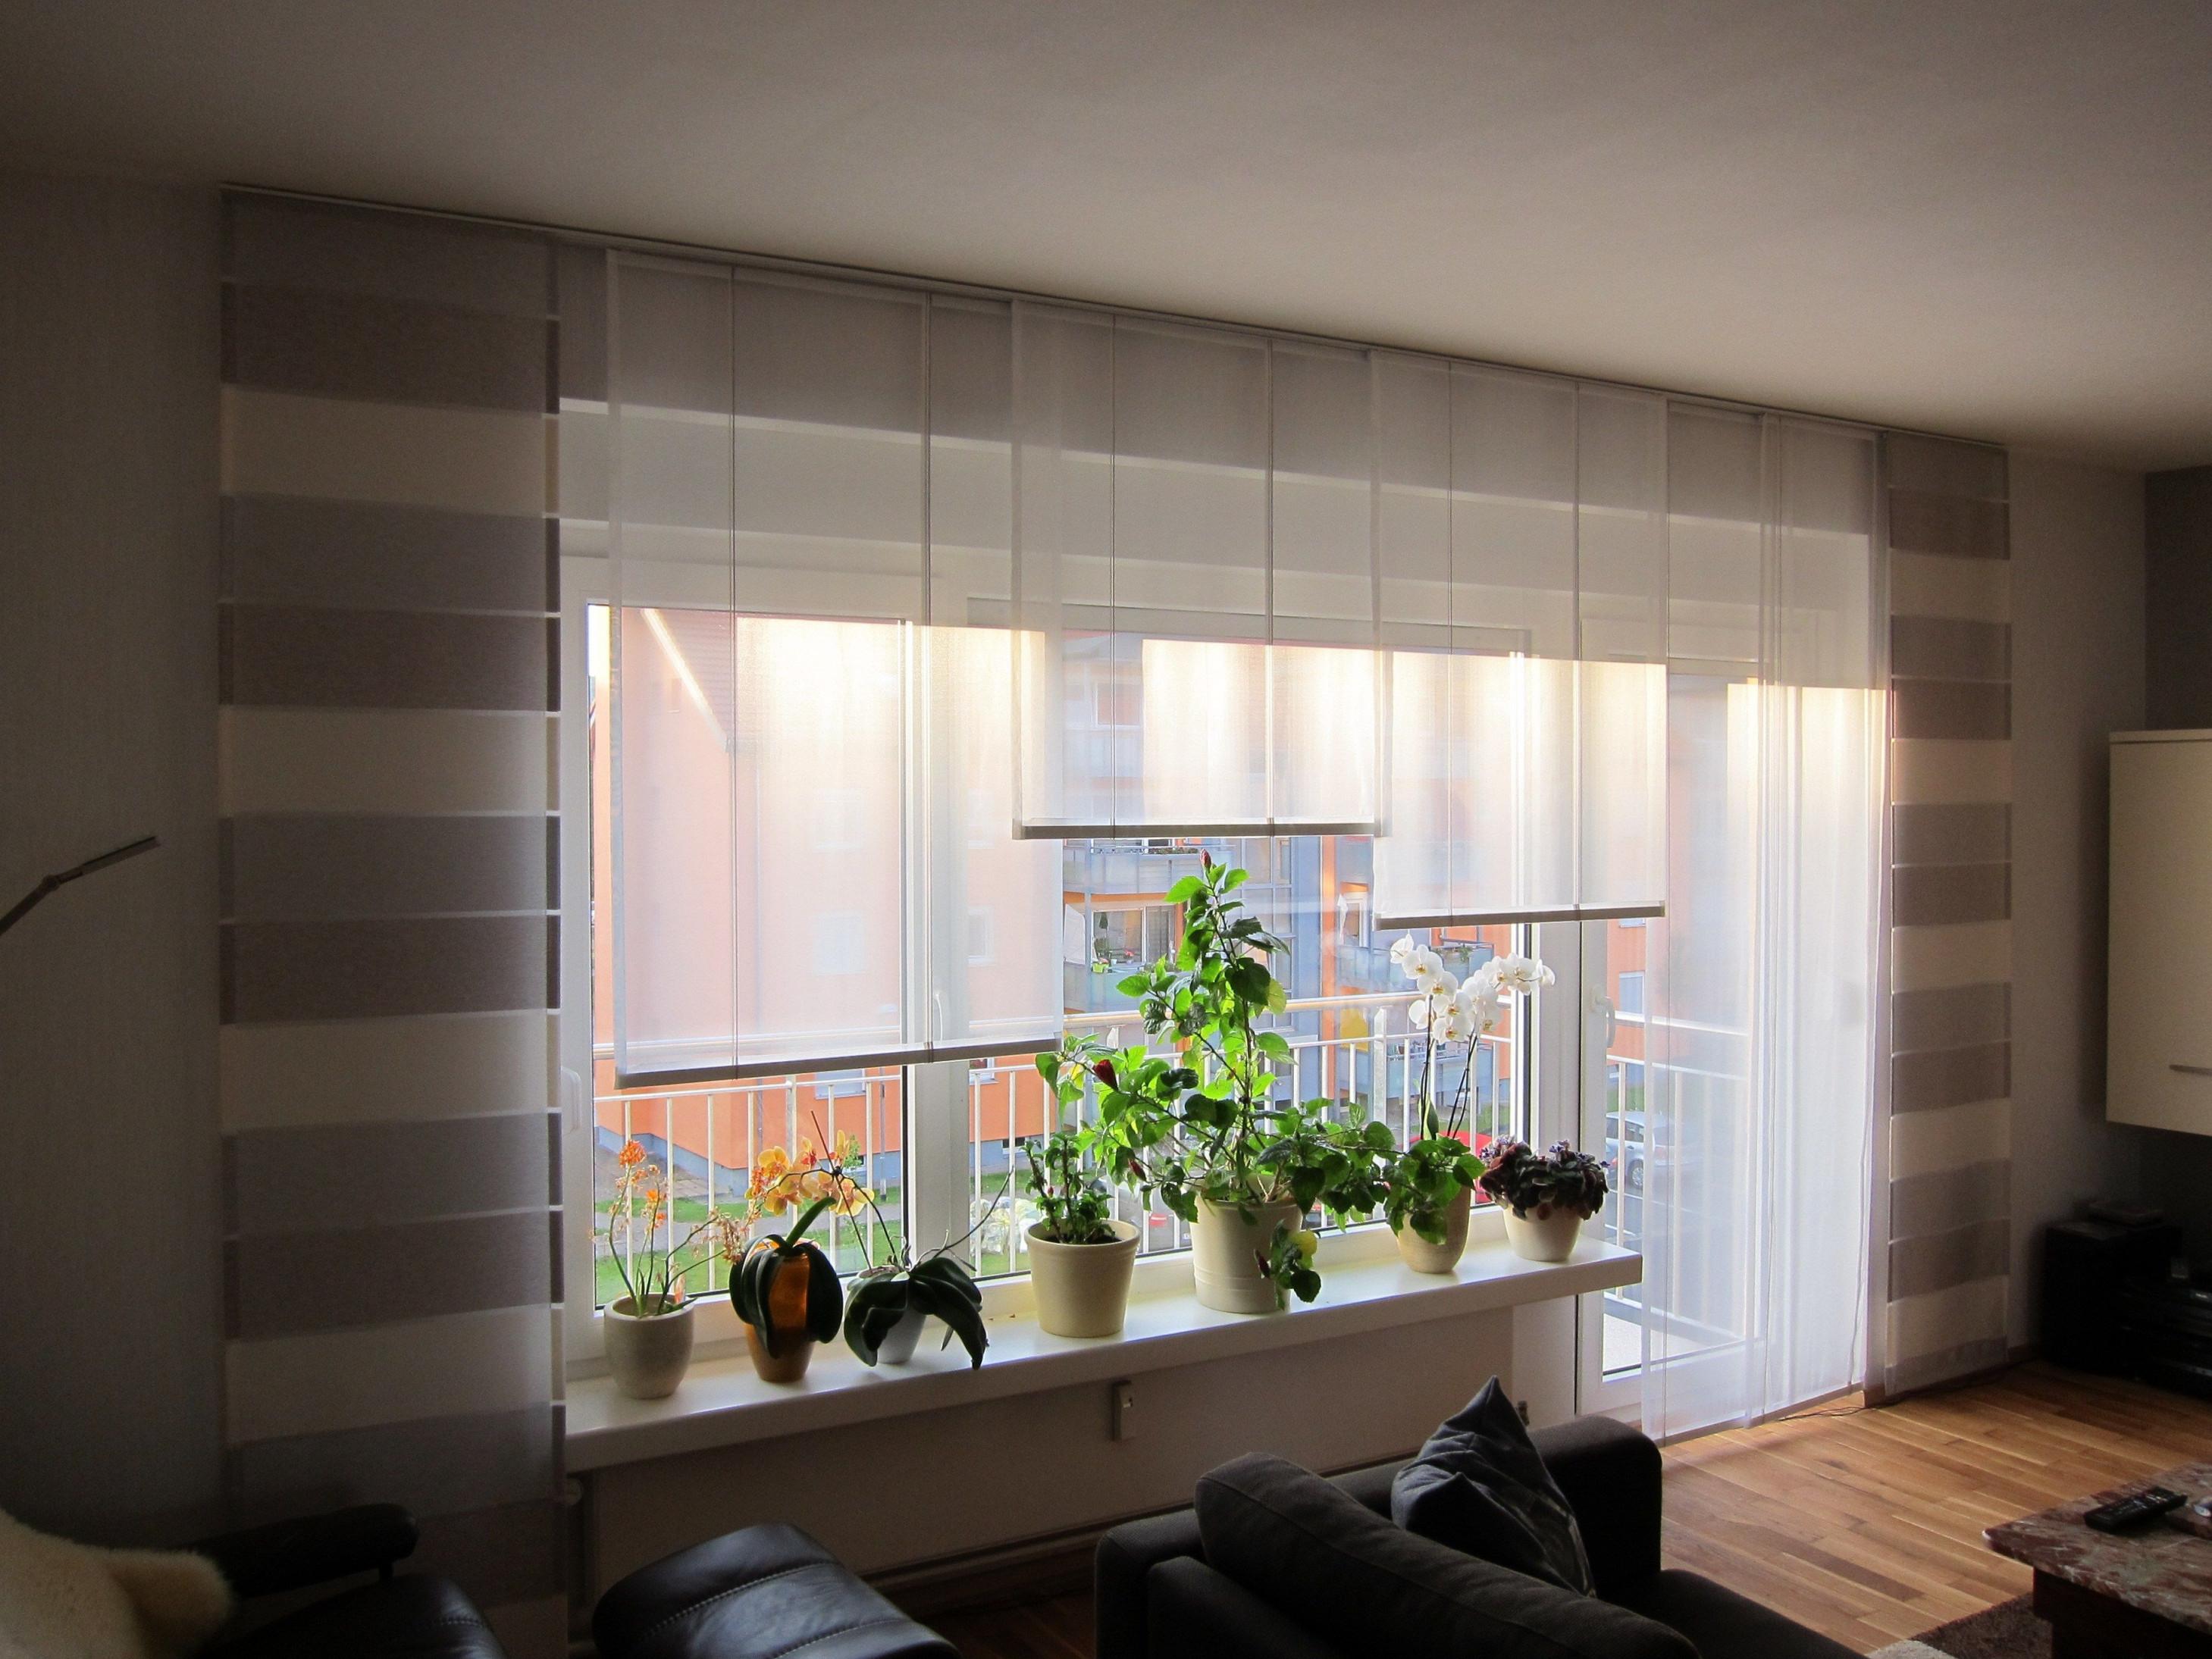 Schiebegardinen Kurz Set  Gardinen Wohnzimmer Vorhänge von Kurze Gardinen Wohnzimmer Photo